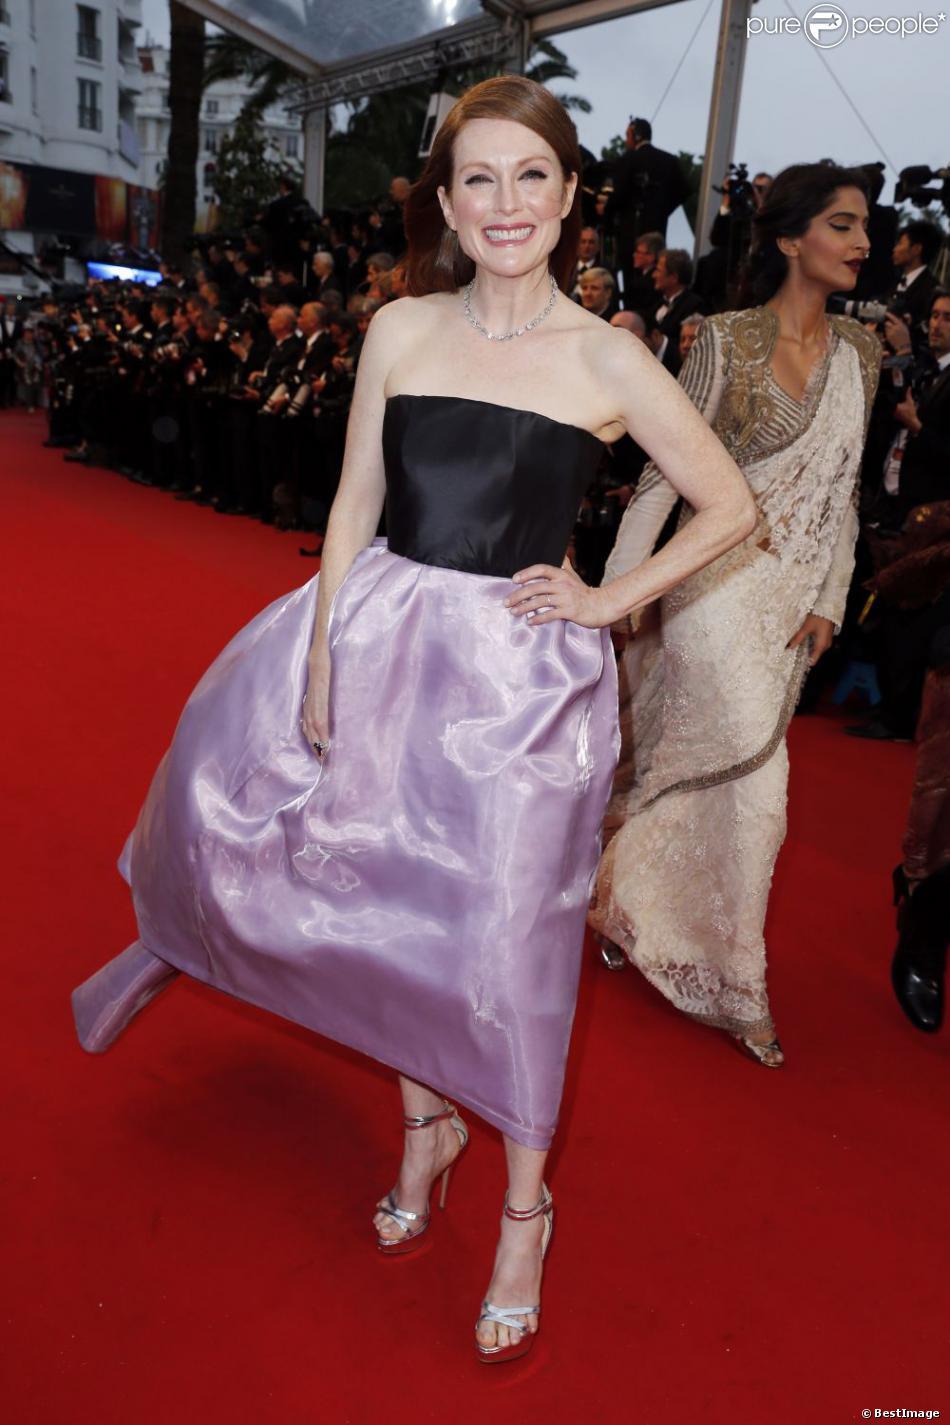 Julianne Moore en robe Dior lors de la montée des marches du Festival de Cannes. Le 15 mai 2013. Si la robe de la star était superbe malheureusement, côté chaussures, elle a vécu une petite mésaventure.